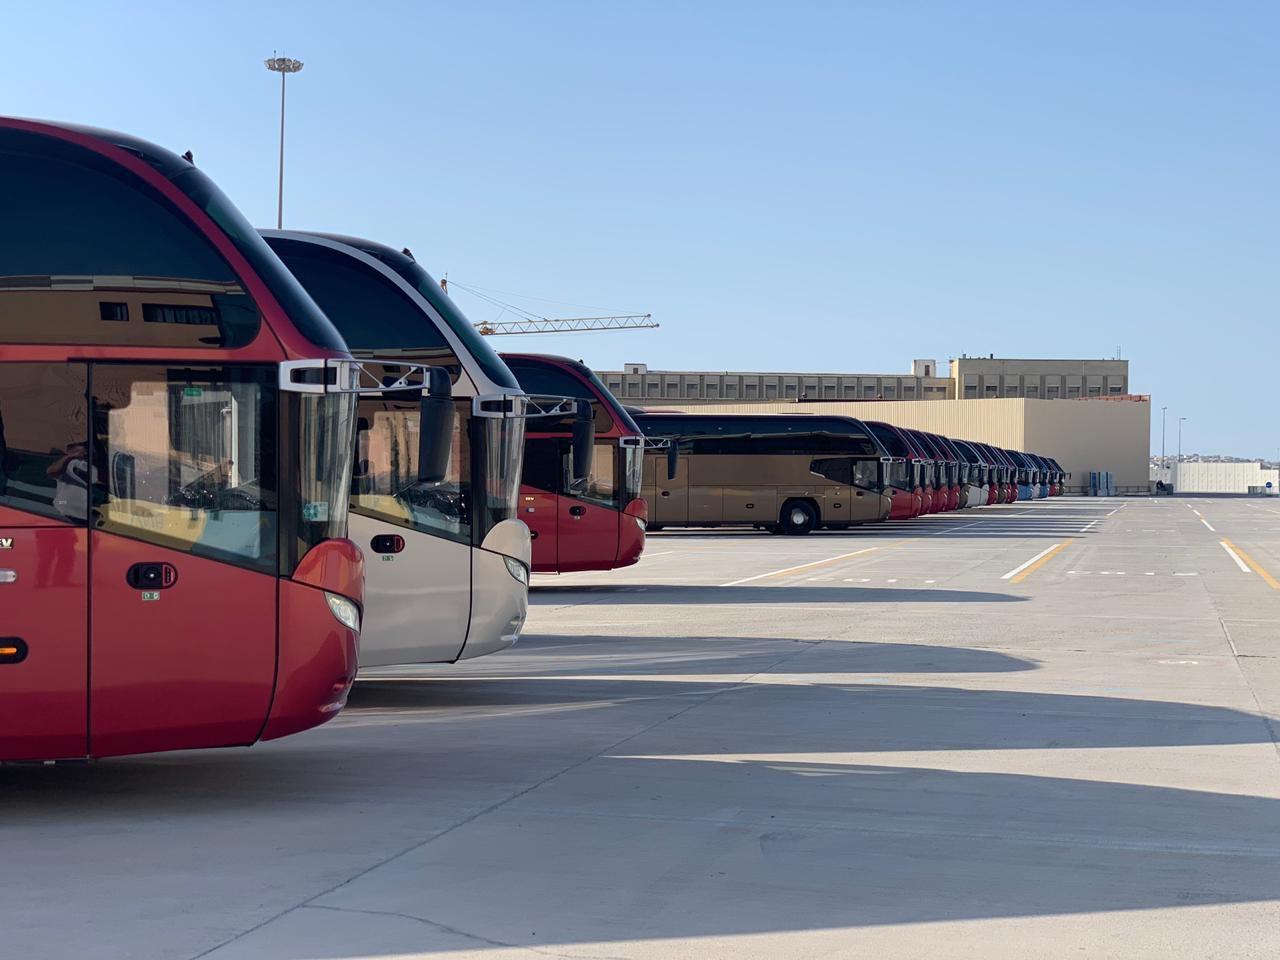 EYOF Bakı 2019-da qonaqların və atletlərin daşınmasına 140 avtobus və 38 miniavtobus cəlb edilib (FOTO)